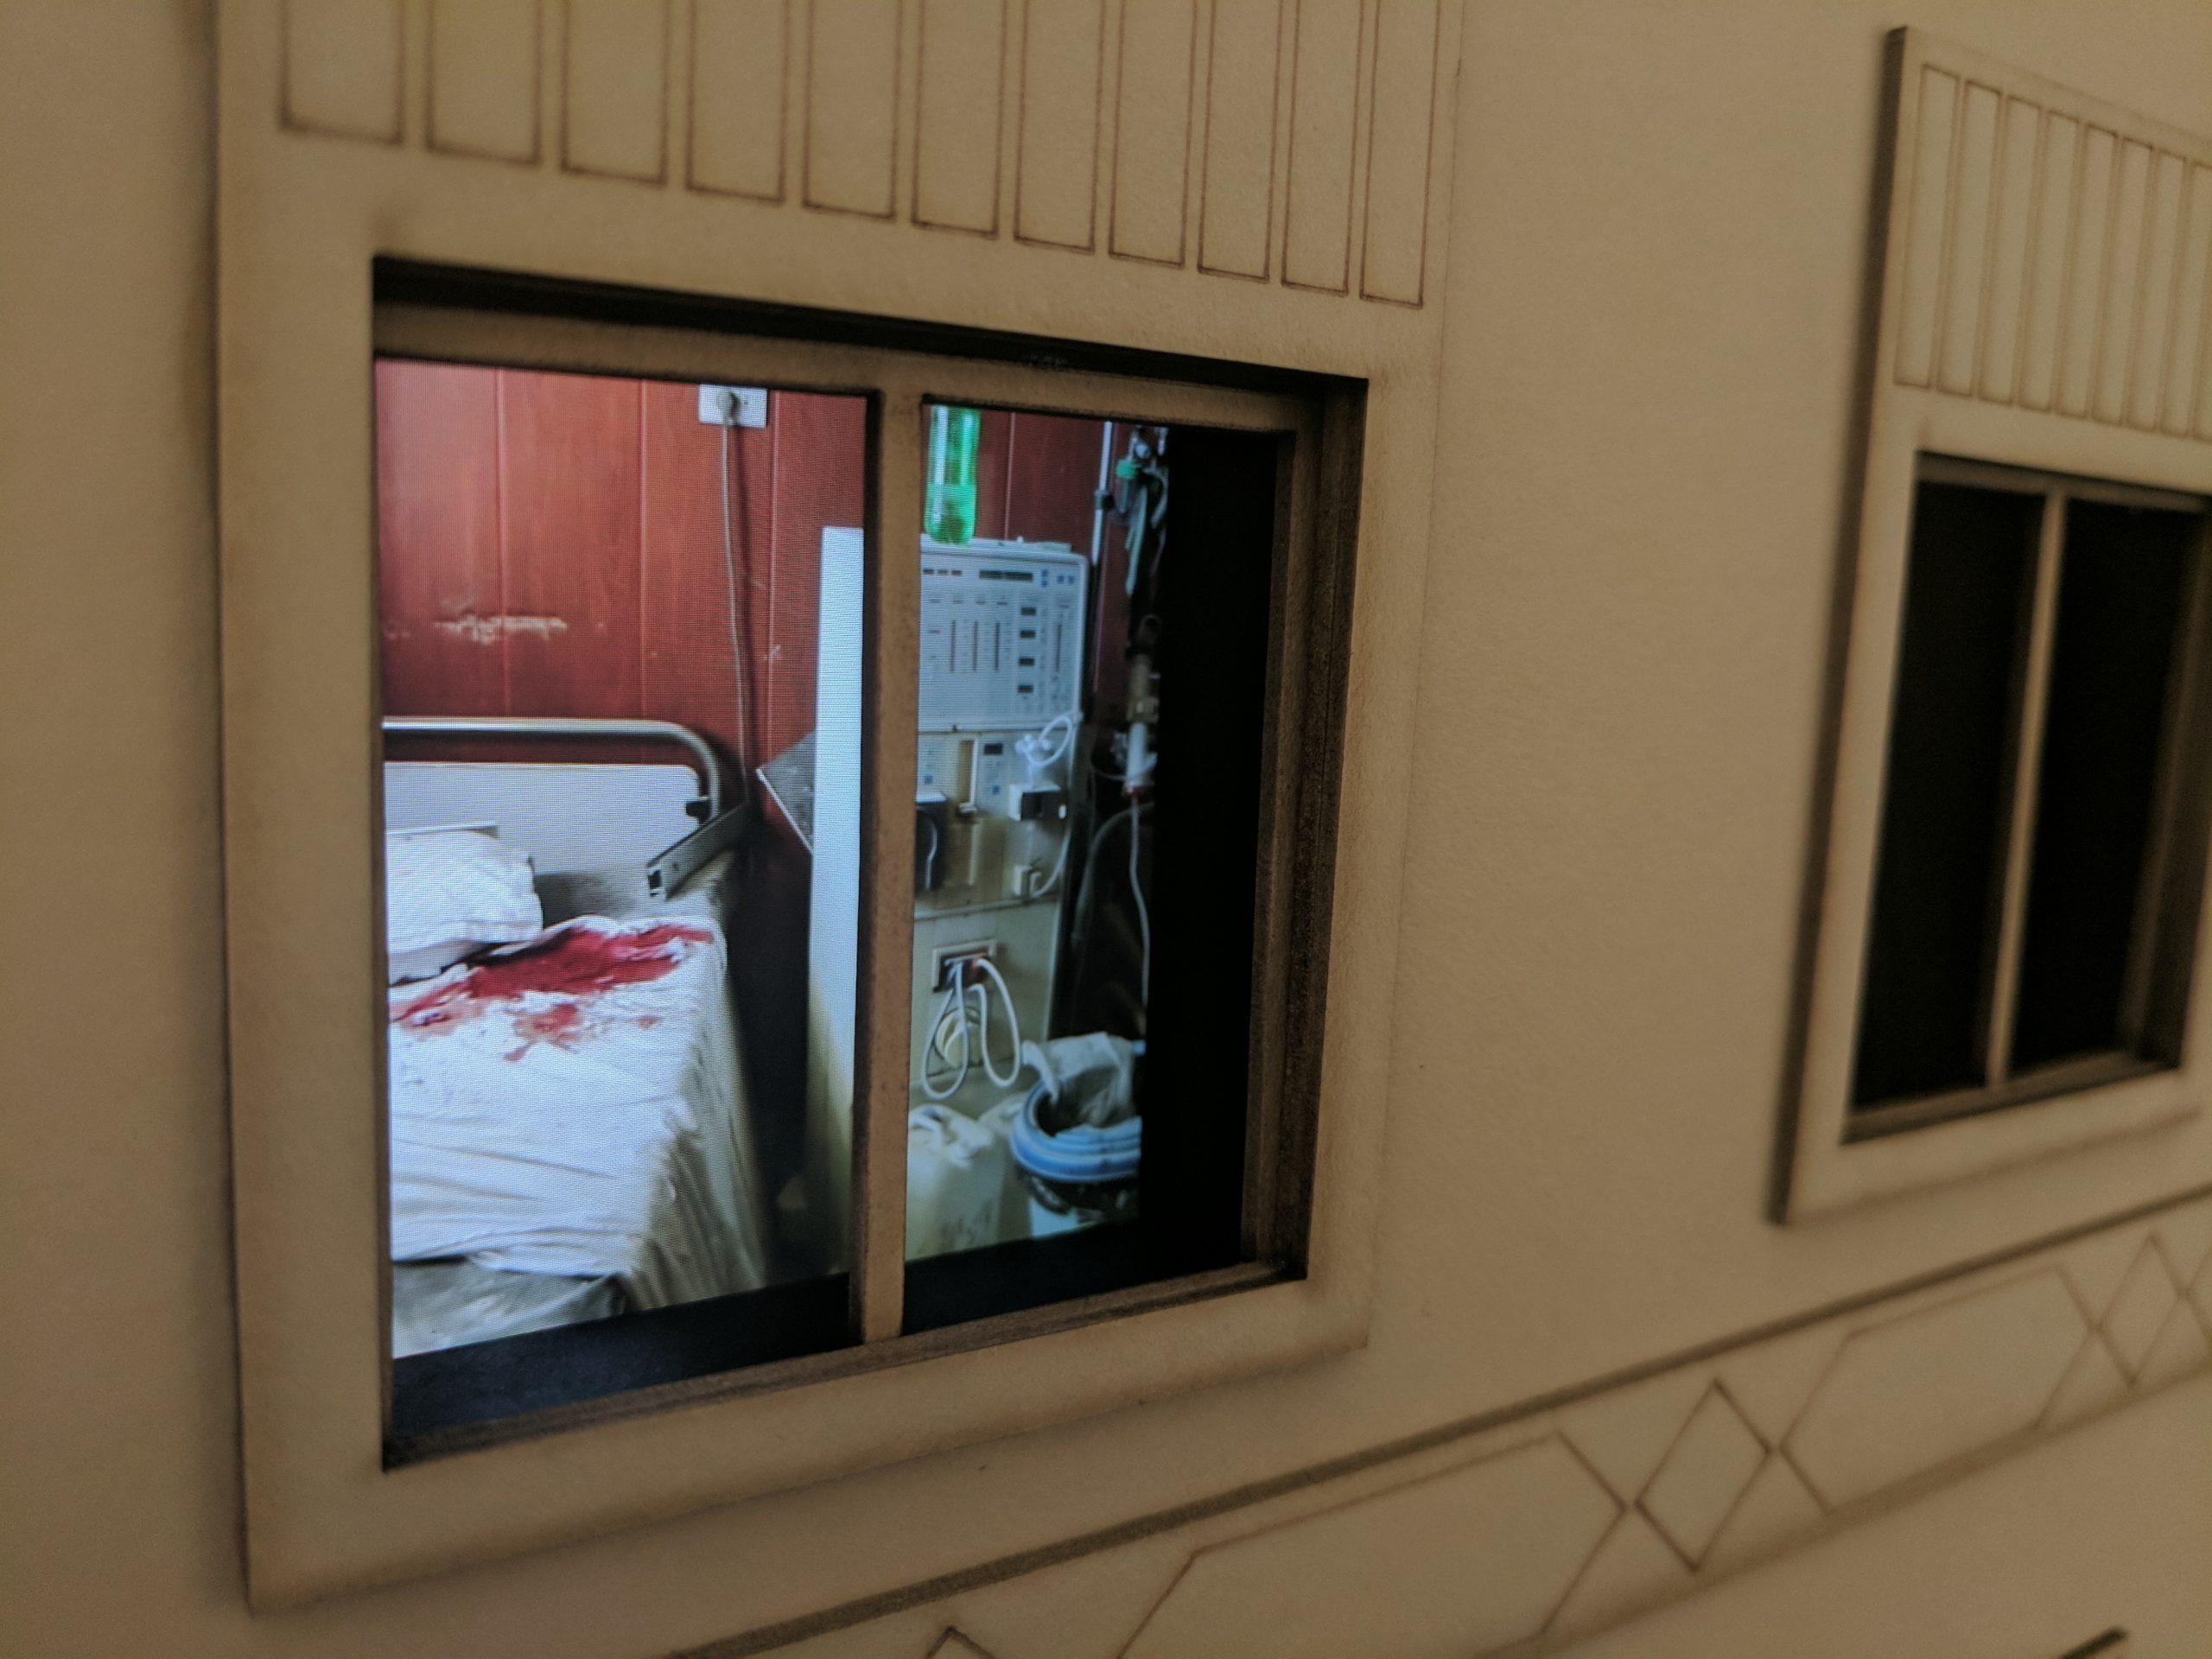 ISTTTT-bloody-bed-through-window